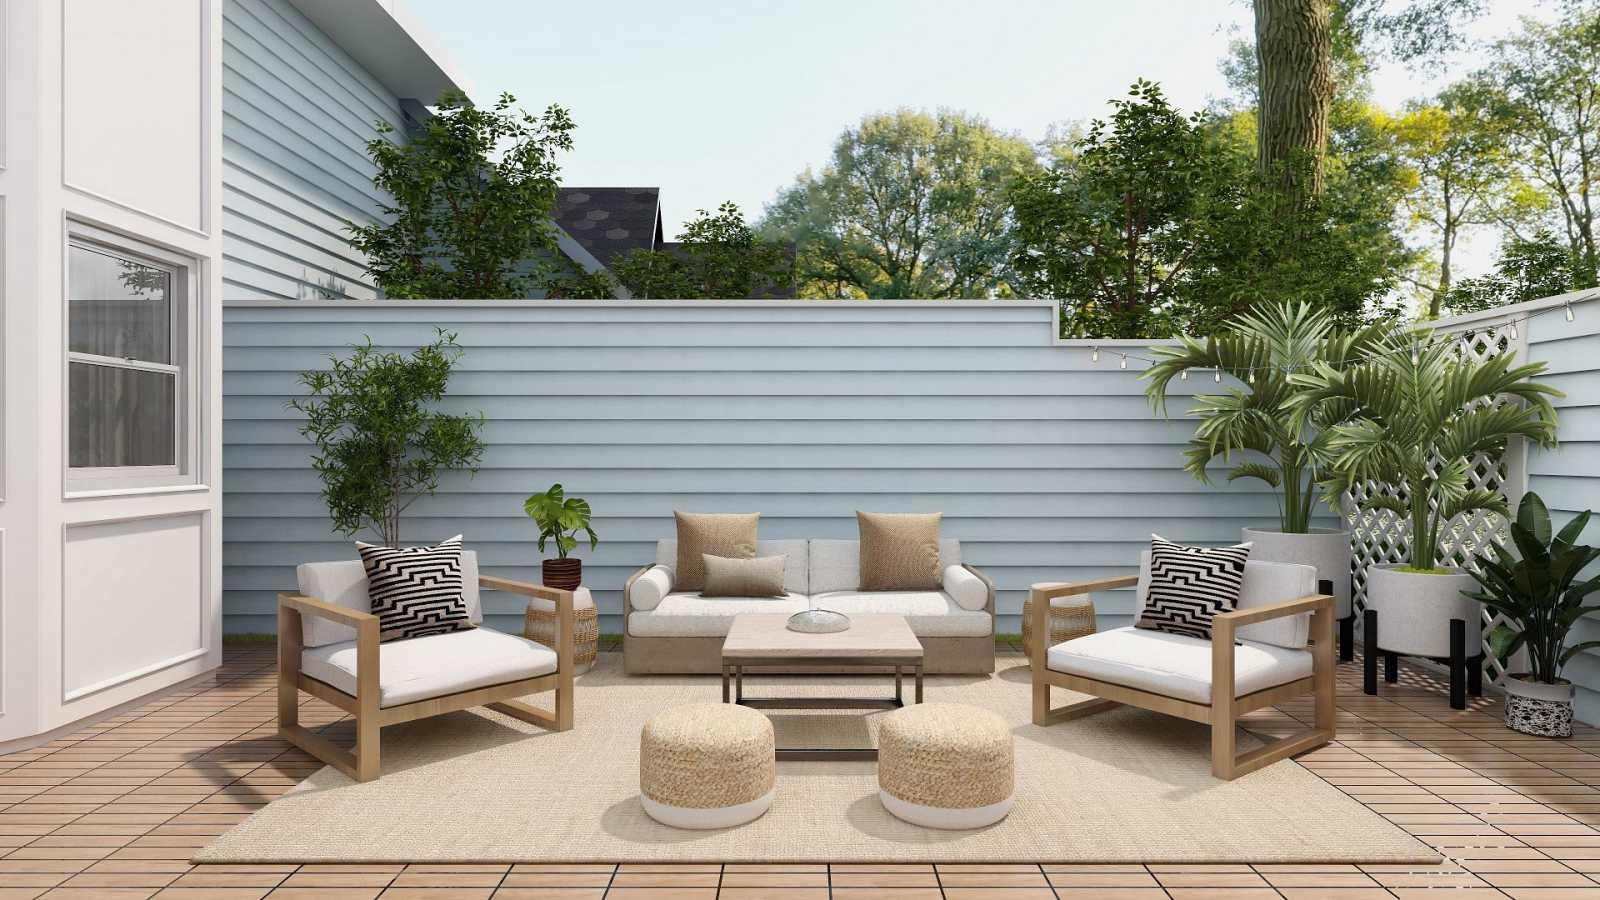 Una terraza bien decorada se convierte en la verdadera protagonista de la casa en verano